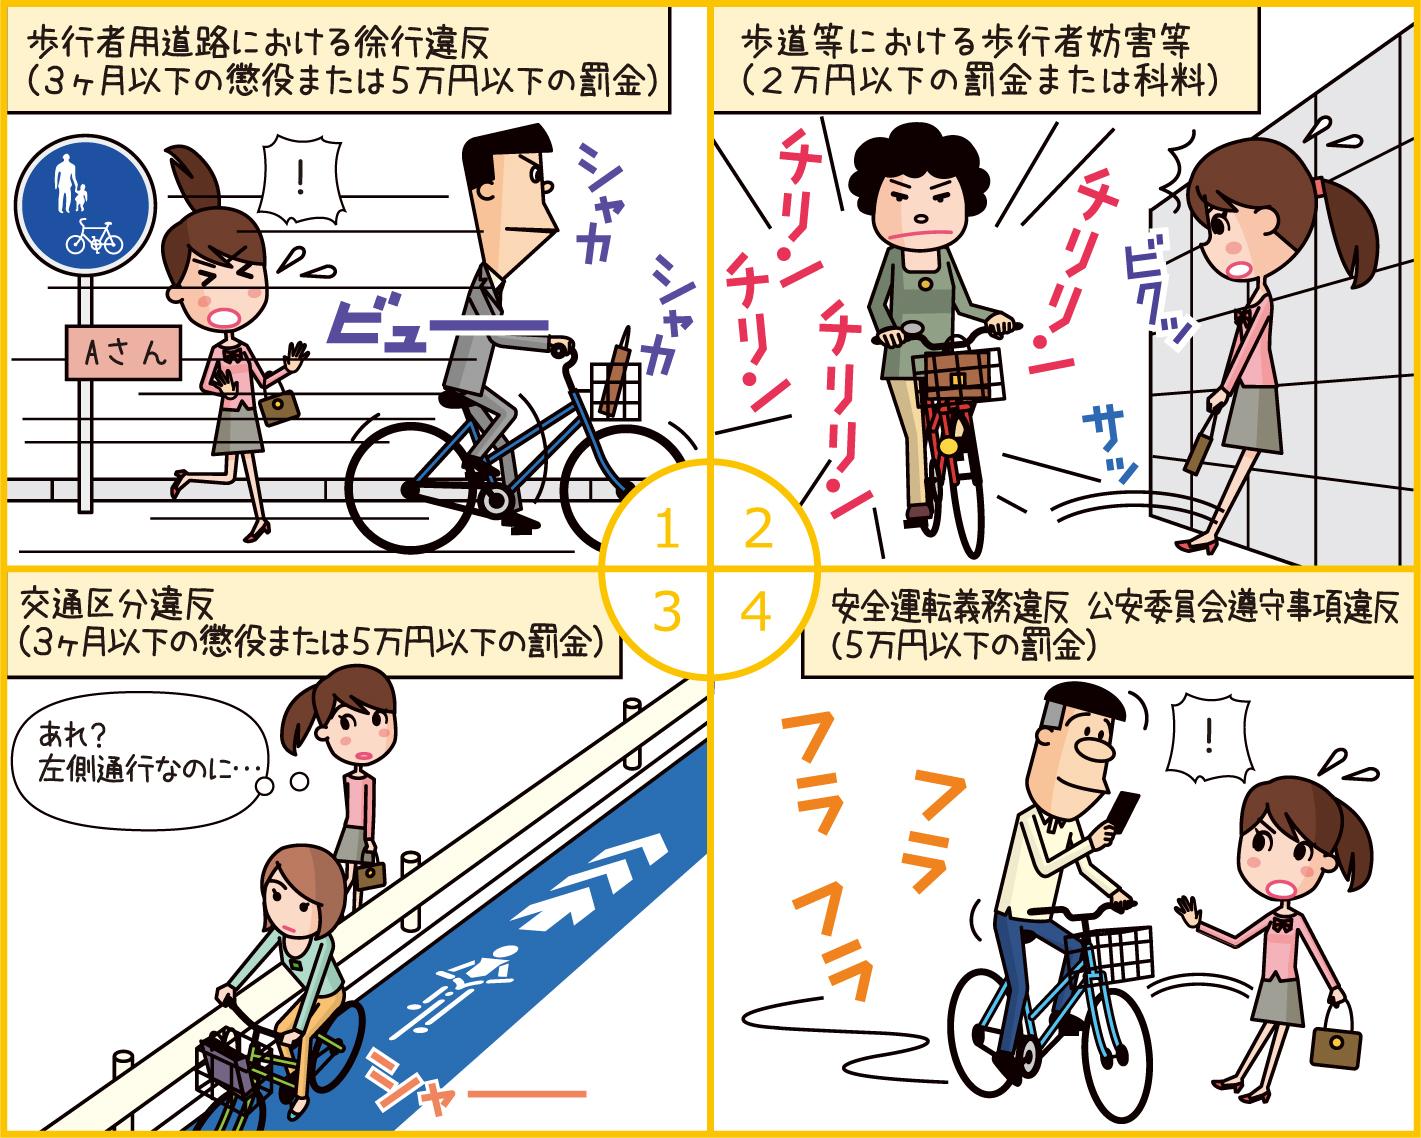 「自転車で、危険な運転をしていませんか?」